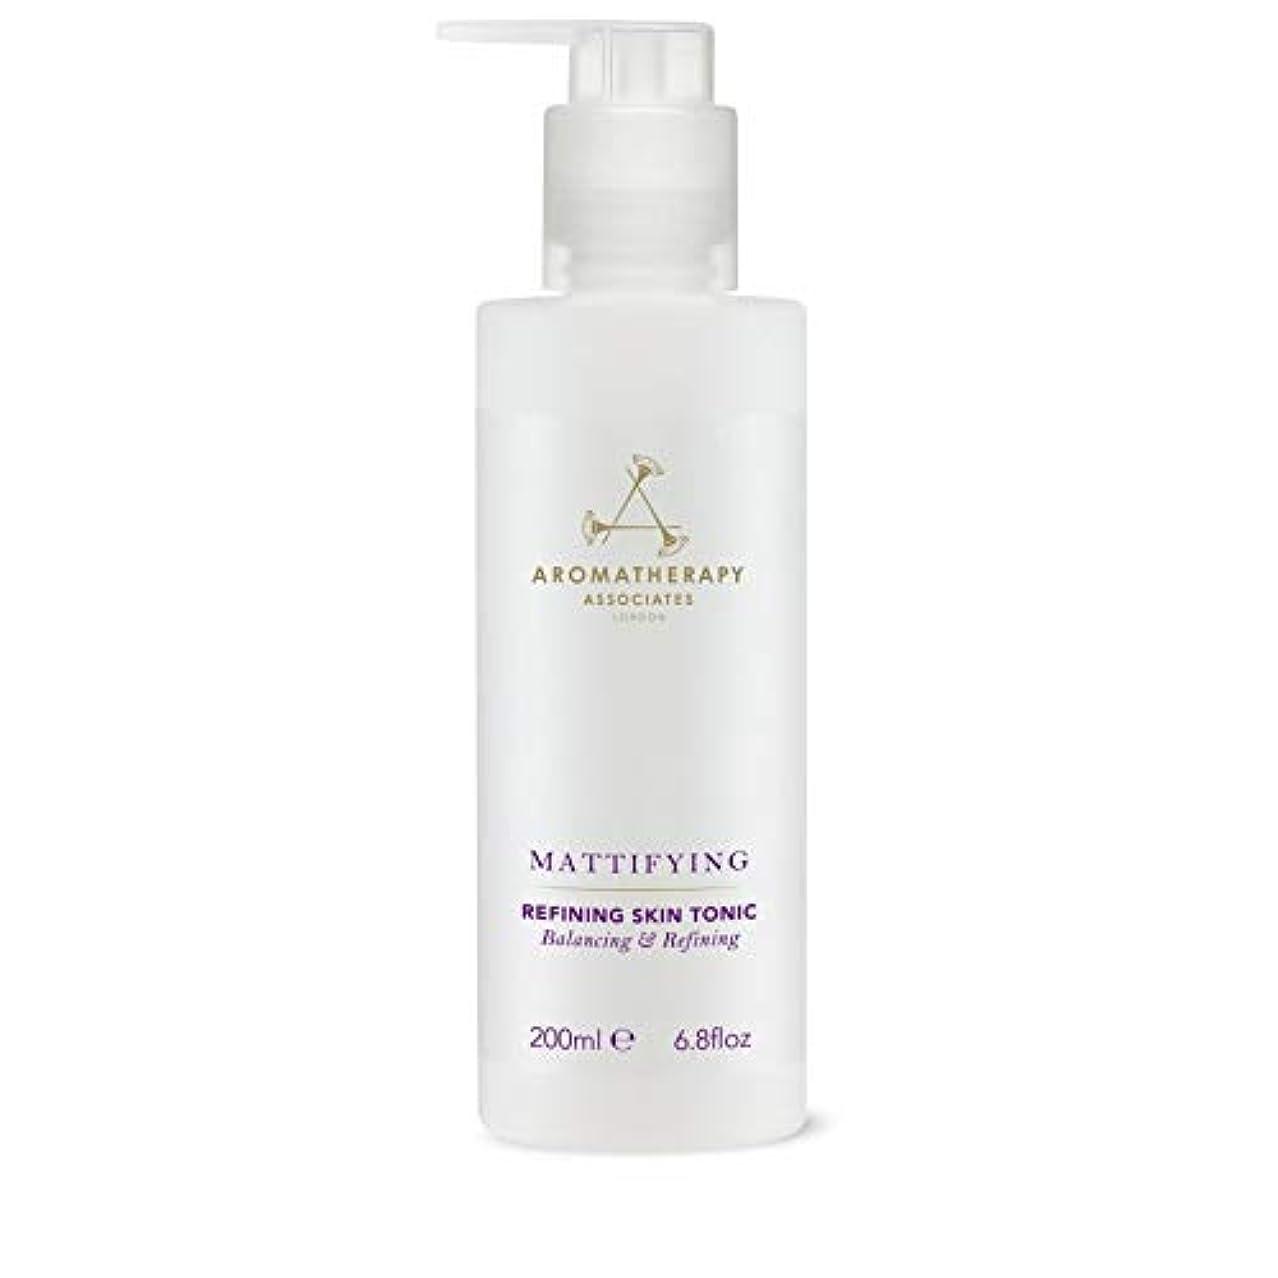 ゆりその他脅かす[Aromatherapy Associates ] アロマセラピーアソシエイツ精錬皮膚の強壮剤、アロマセラピーアソシエイツ - Aromatherapy Associates Refining Skin Tonic,...